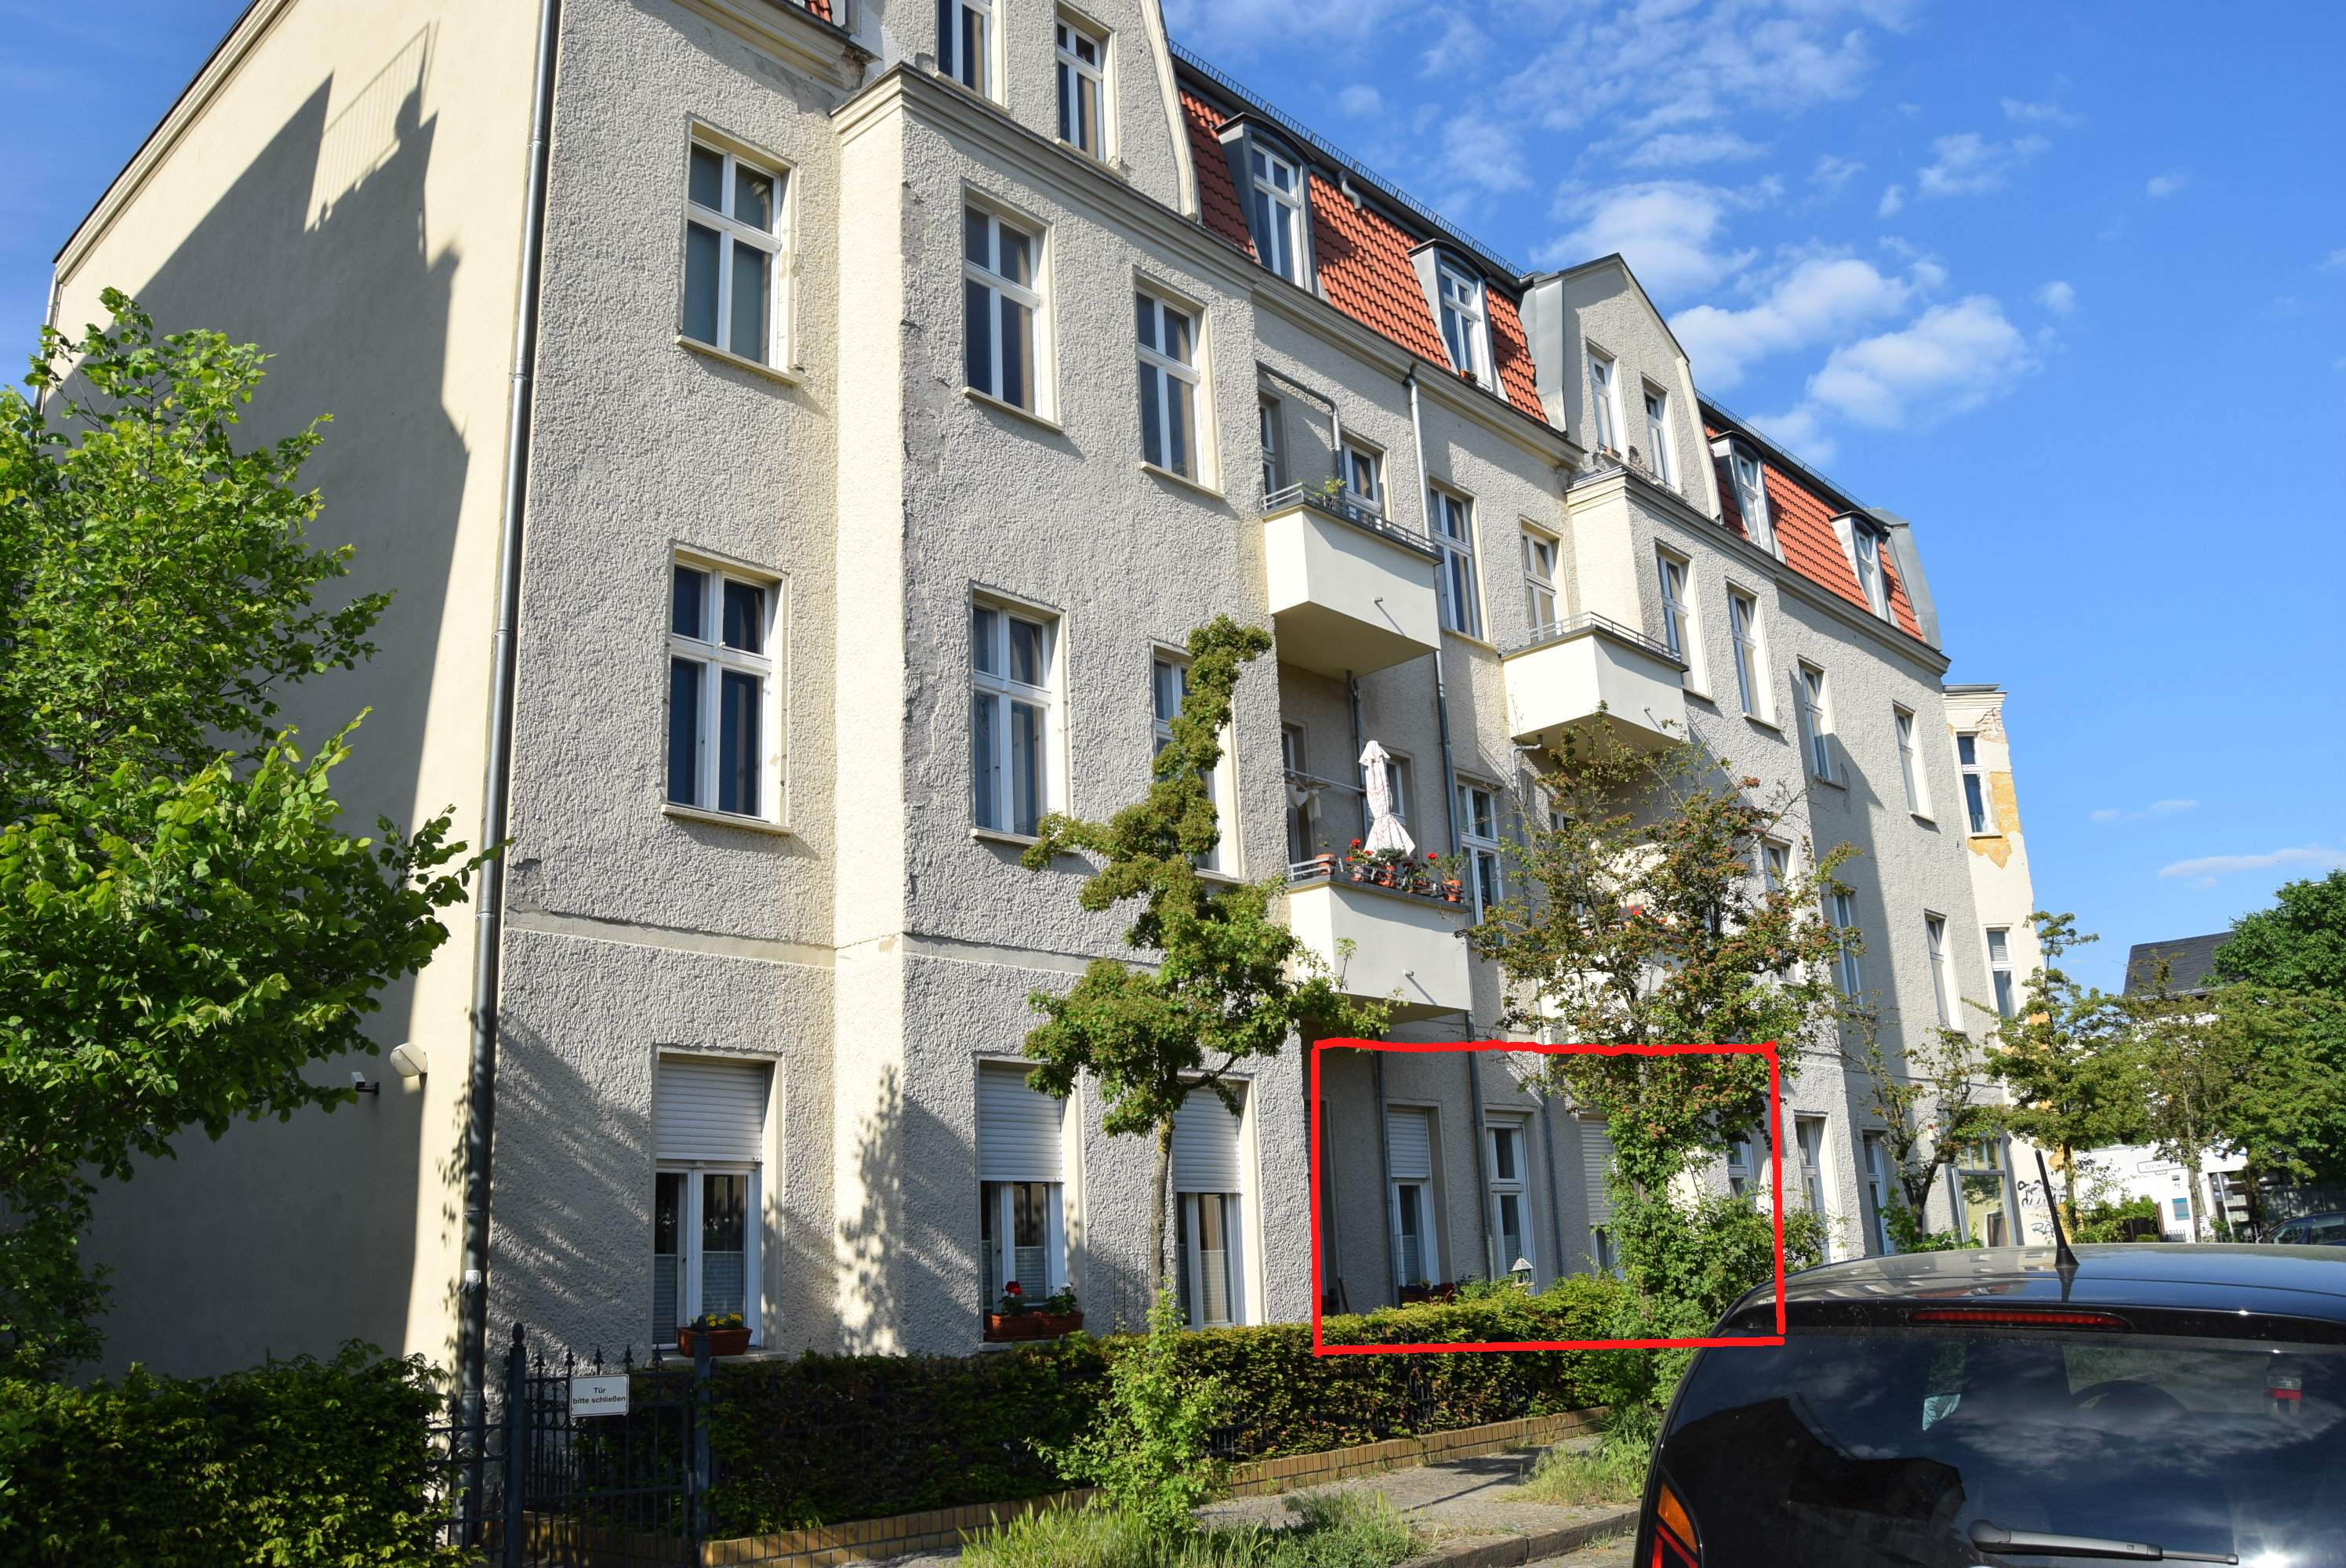 Verkauf vermietete Wohnung in Berlin Friedrichshagen